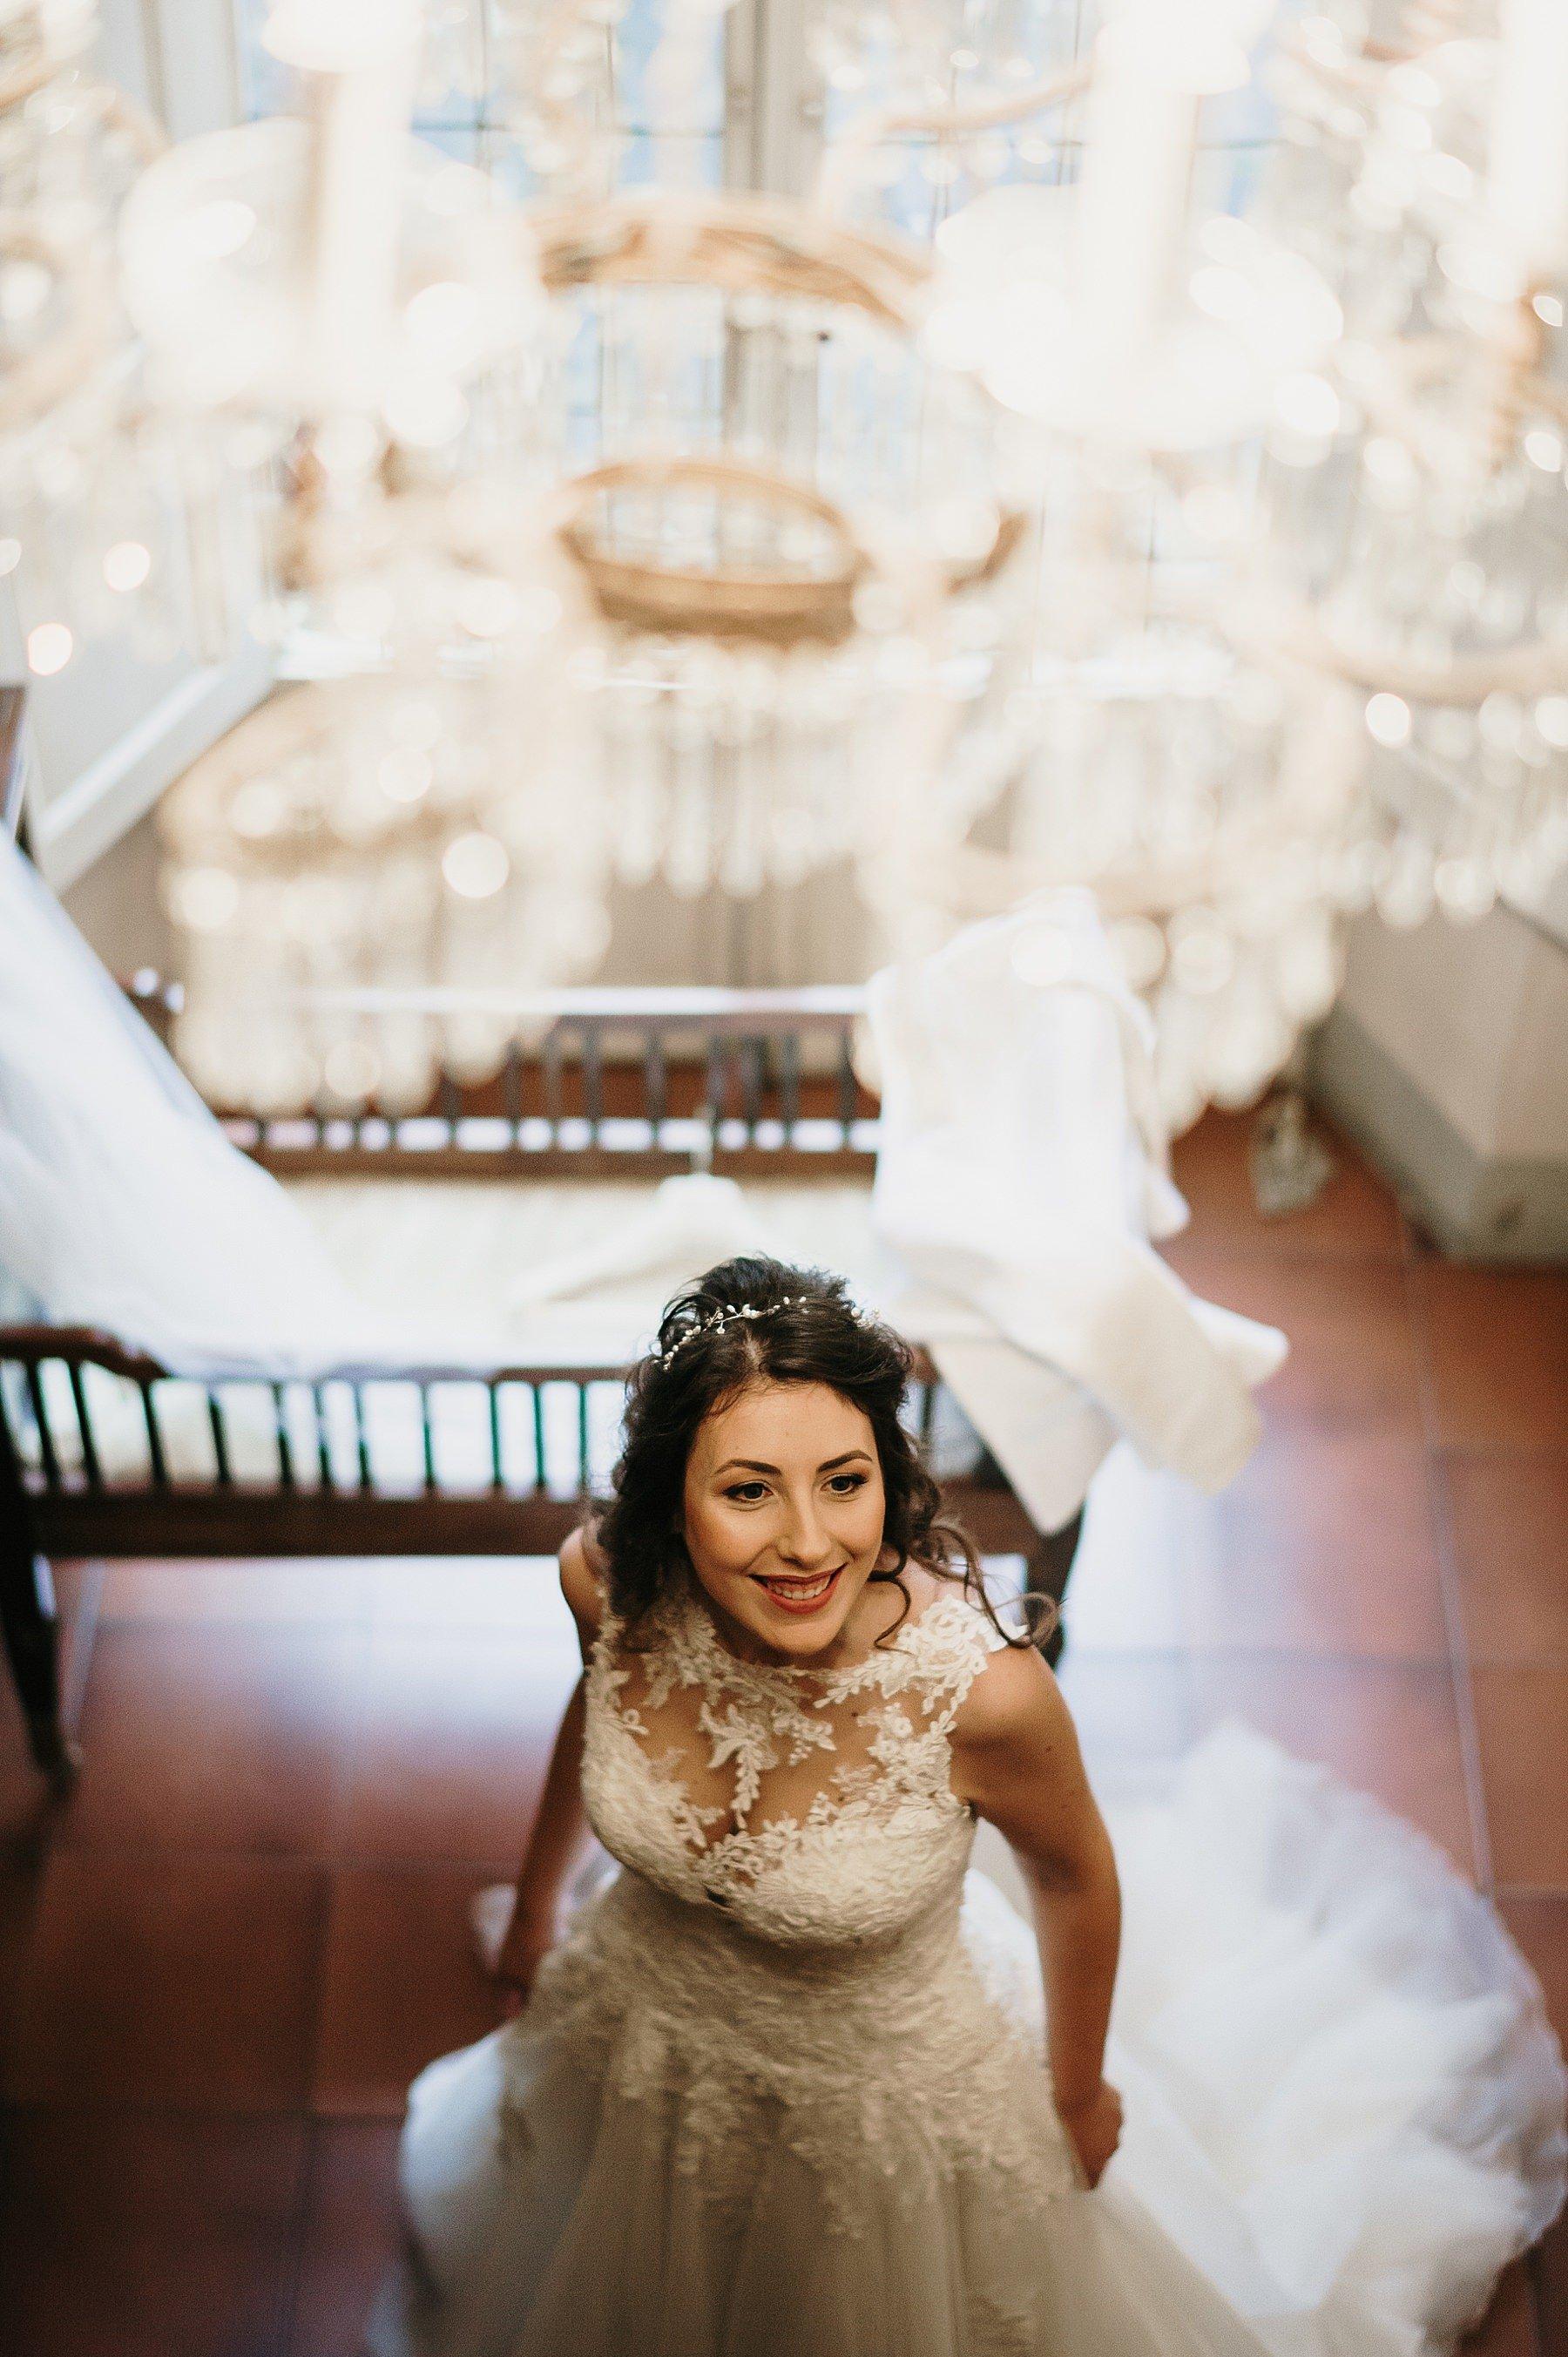 fotografia di matrimonio a firenze in inverno 721